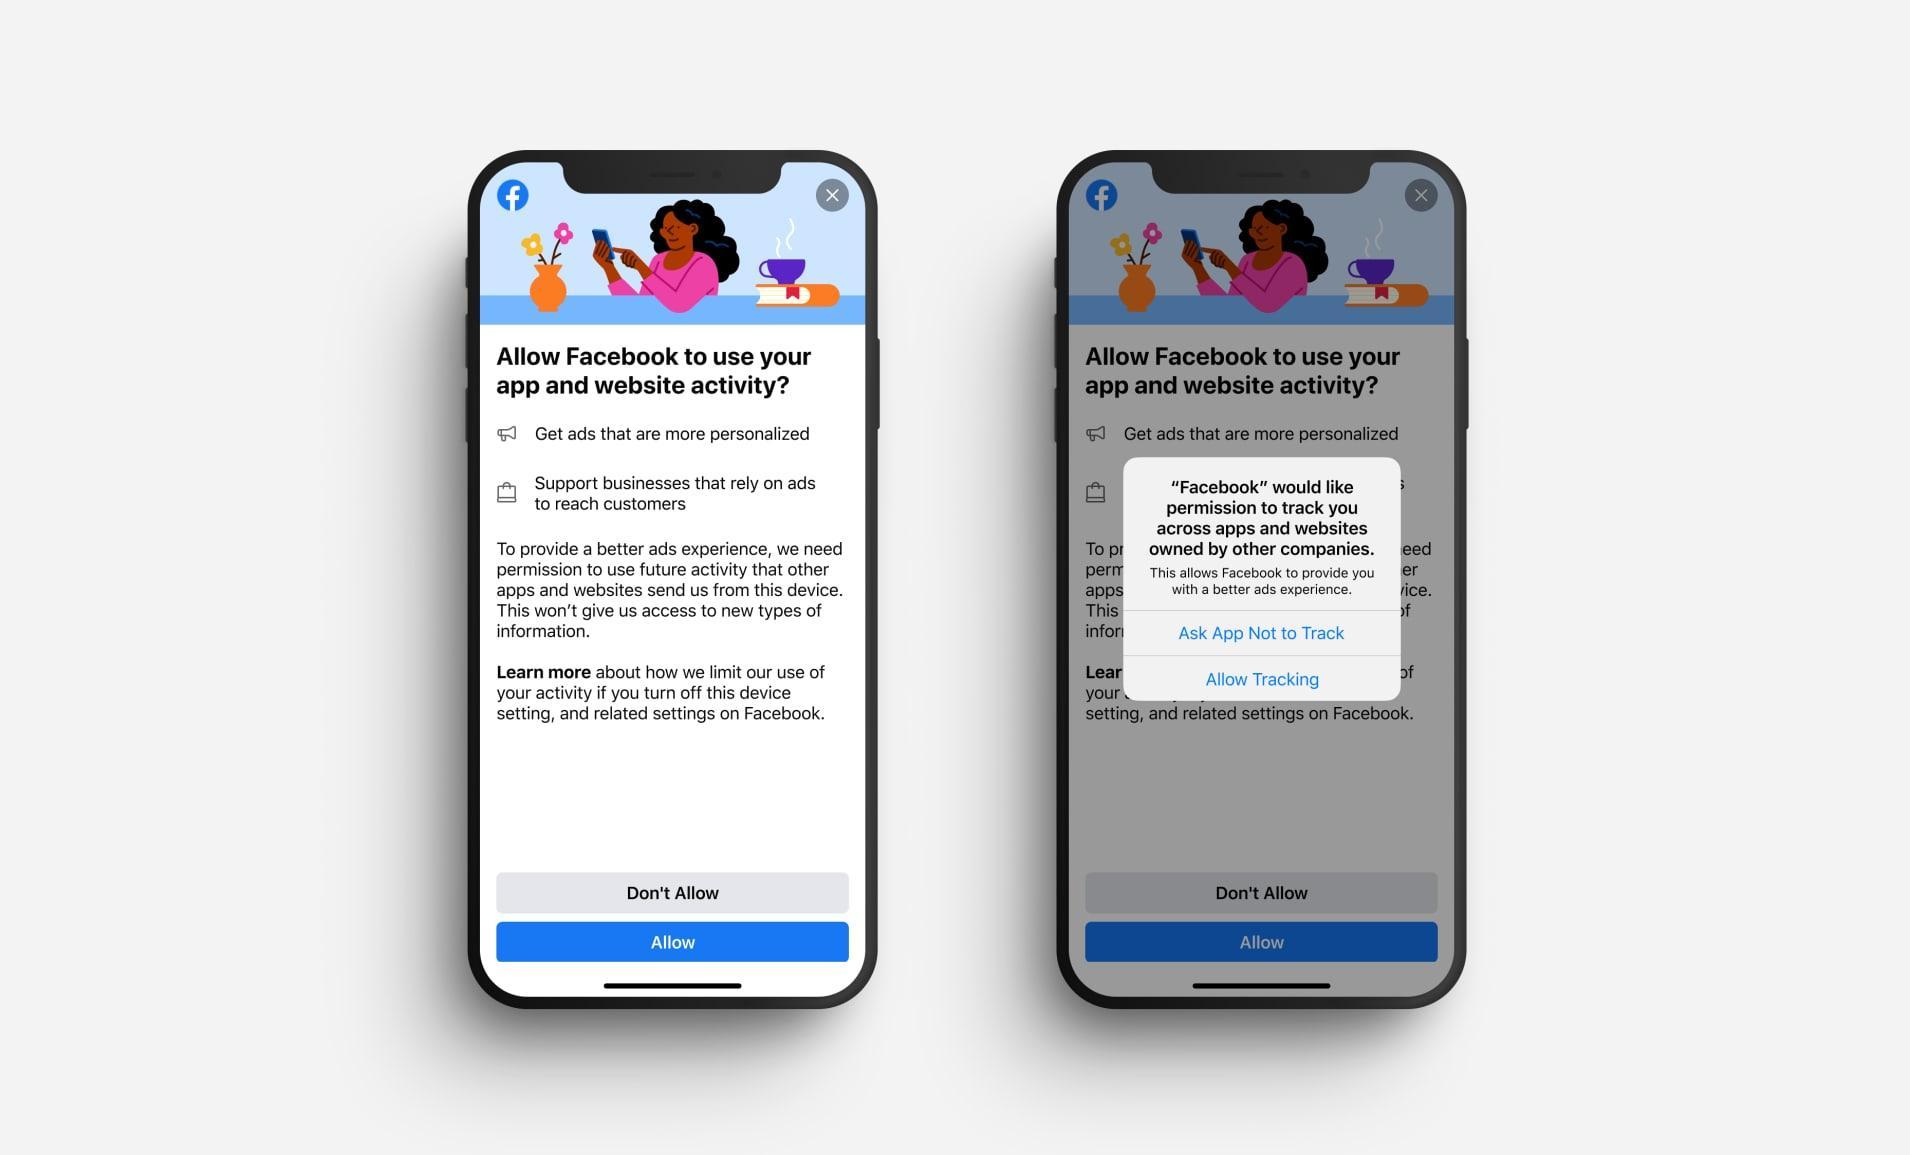 Slike beskjeder kan det bli mange av på Facebook for iOS fremover. Nå ruller nemlig Apple ut sin nye funksjon for å blokkere annonsesporing på tvers av apper, nettsteder og tjenester.